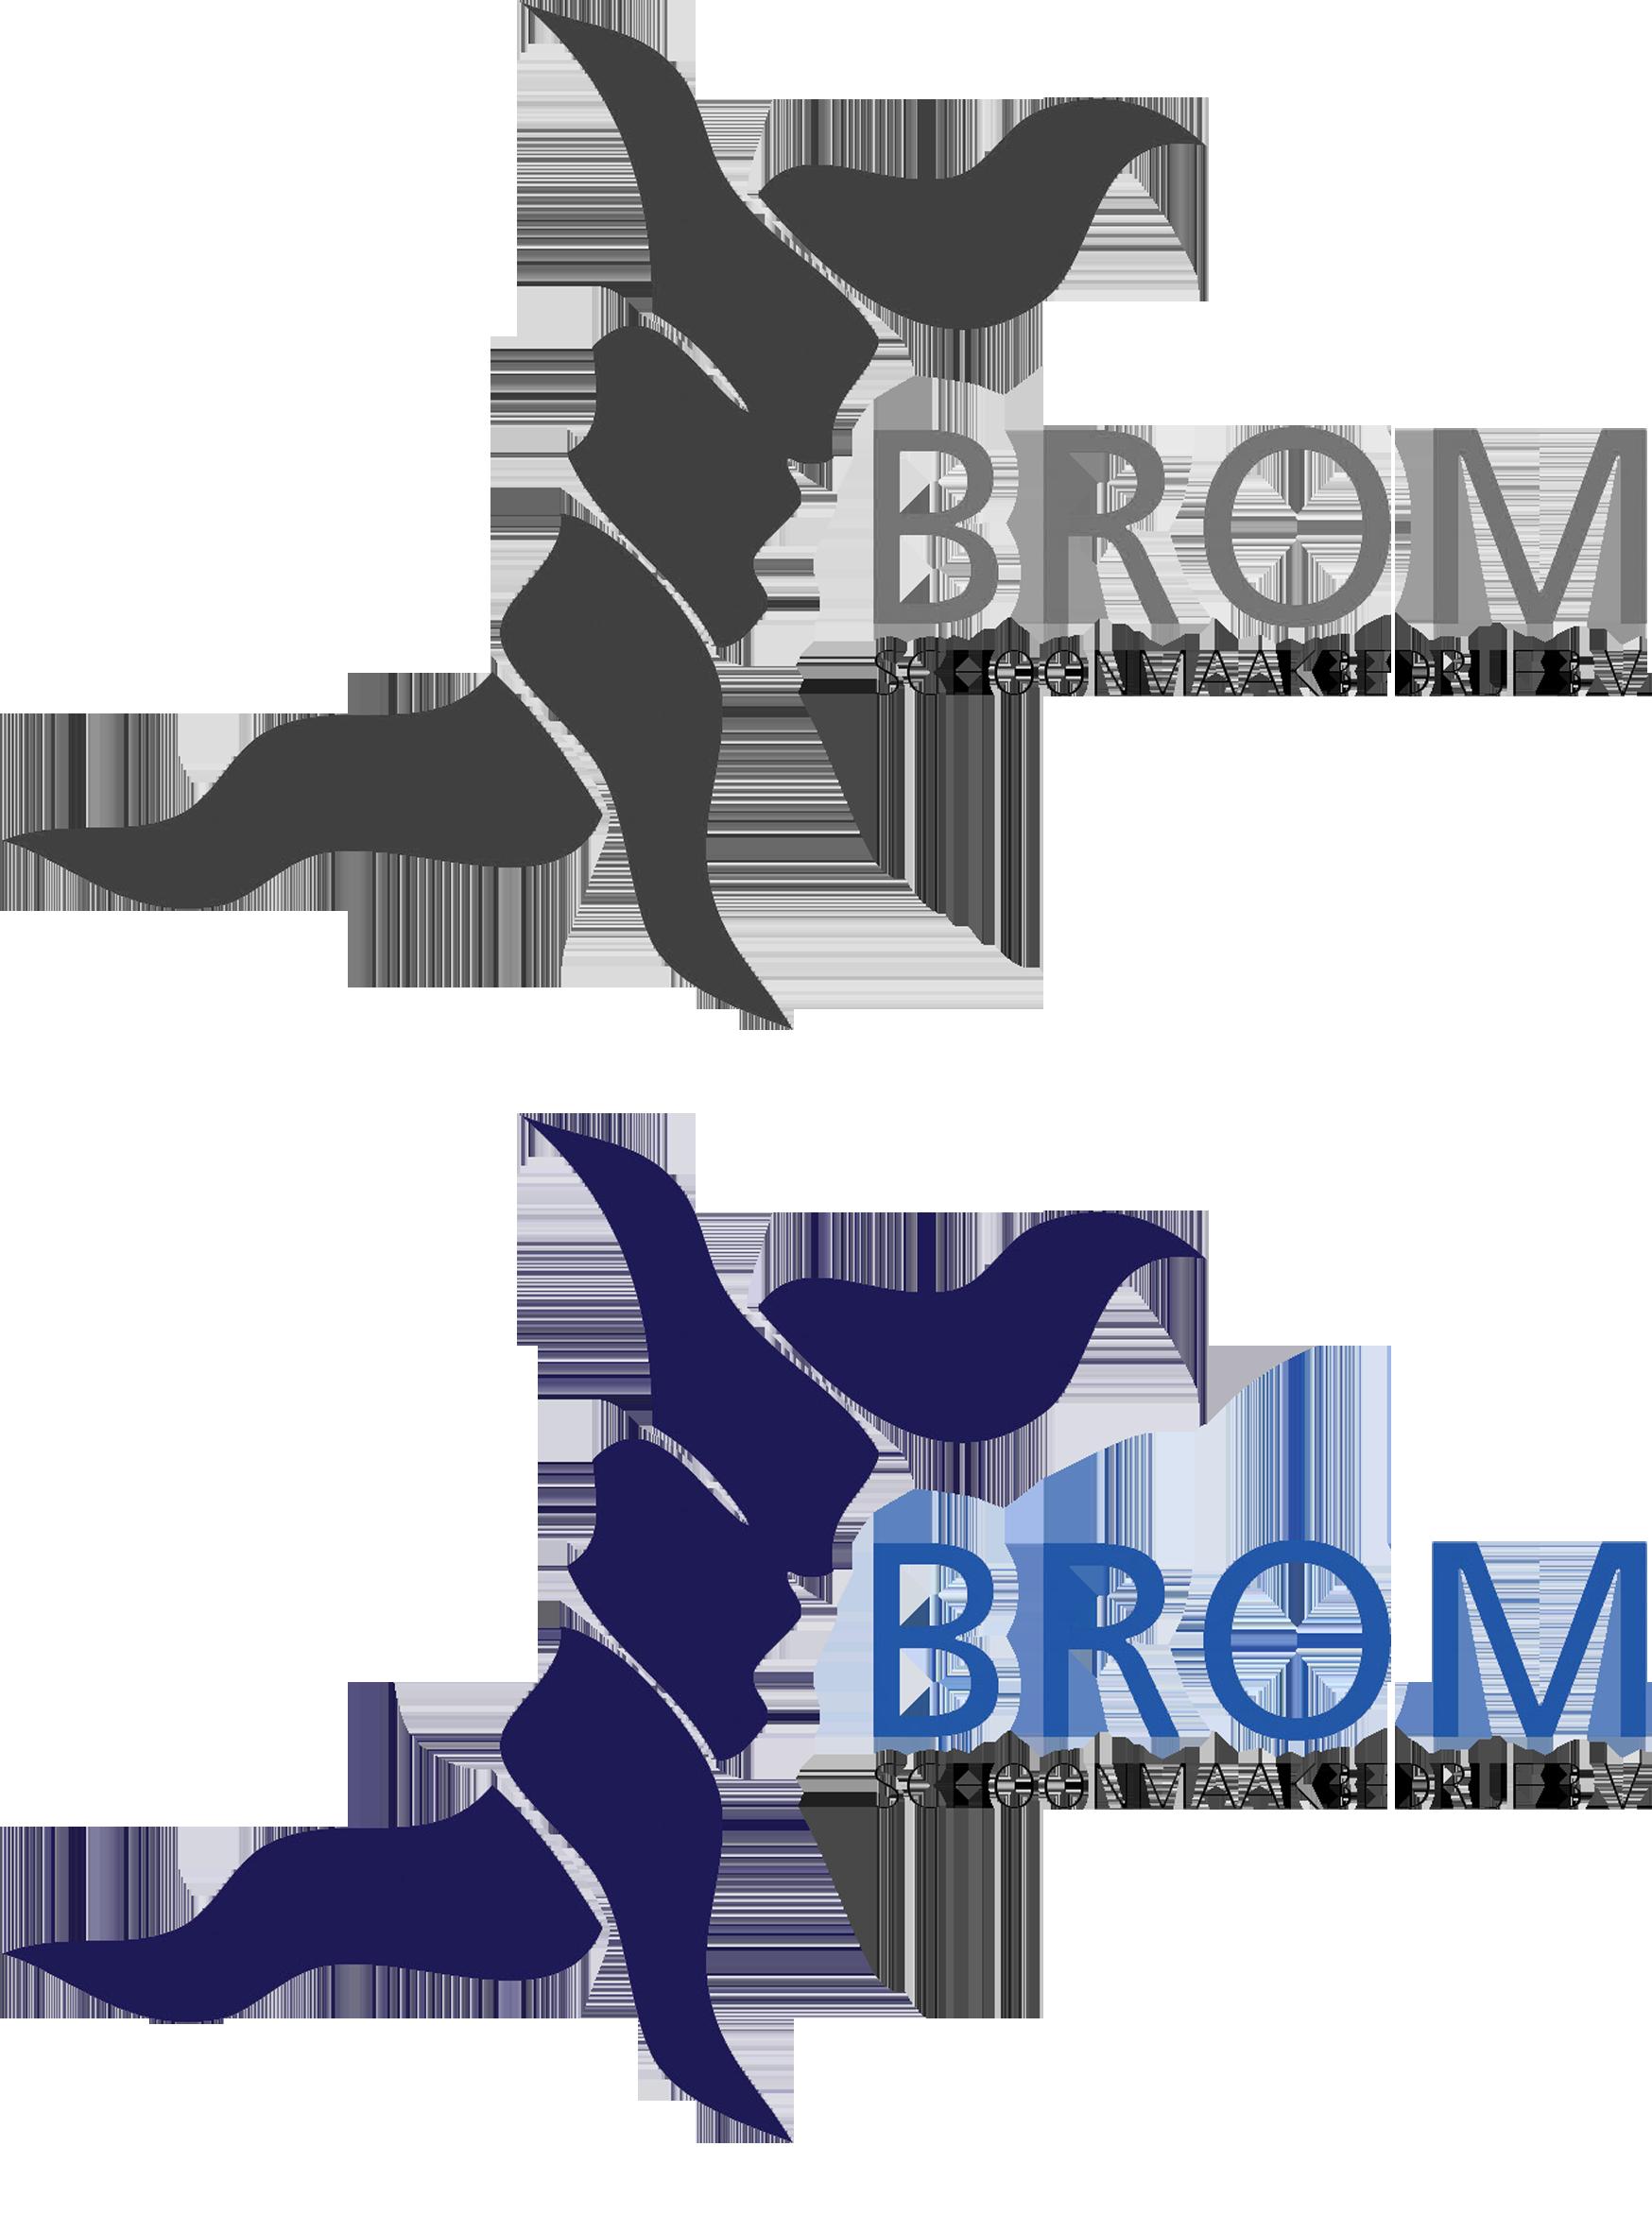 Brom Schoonmaakbedrijf